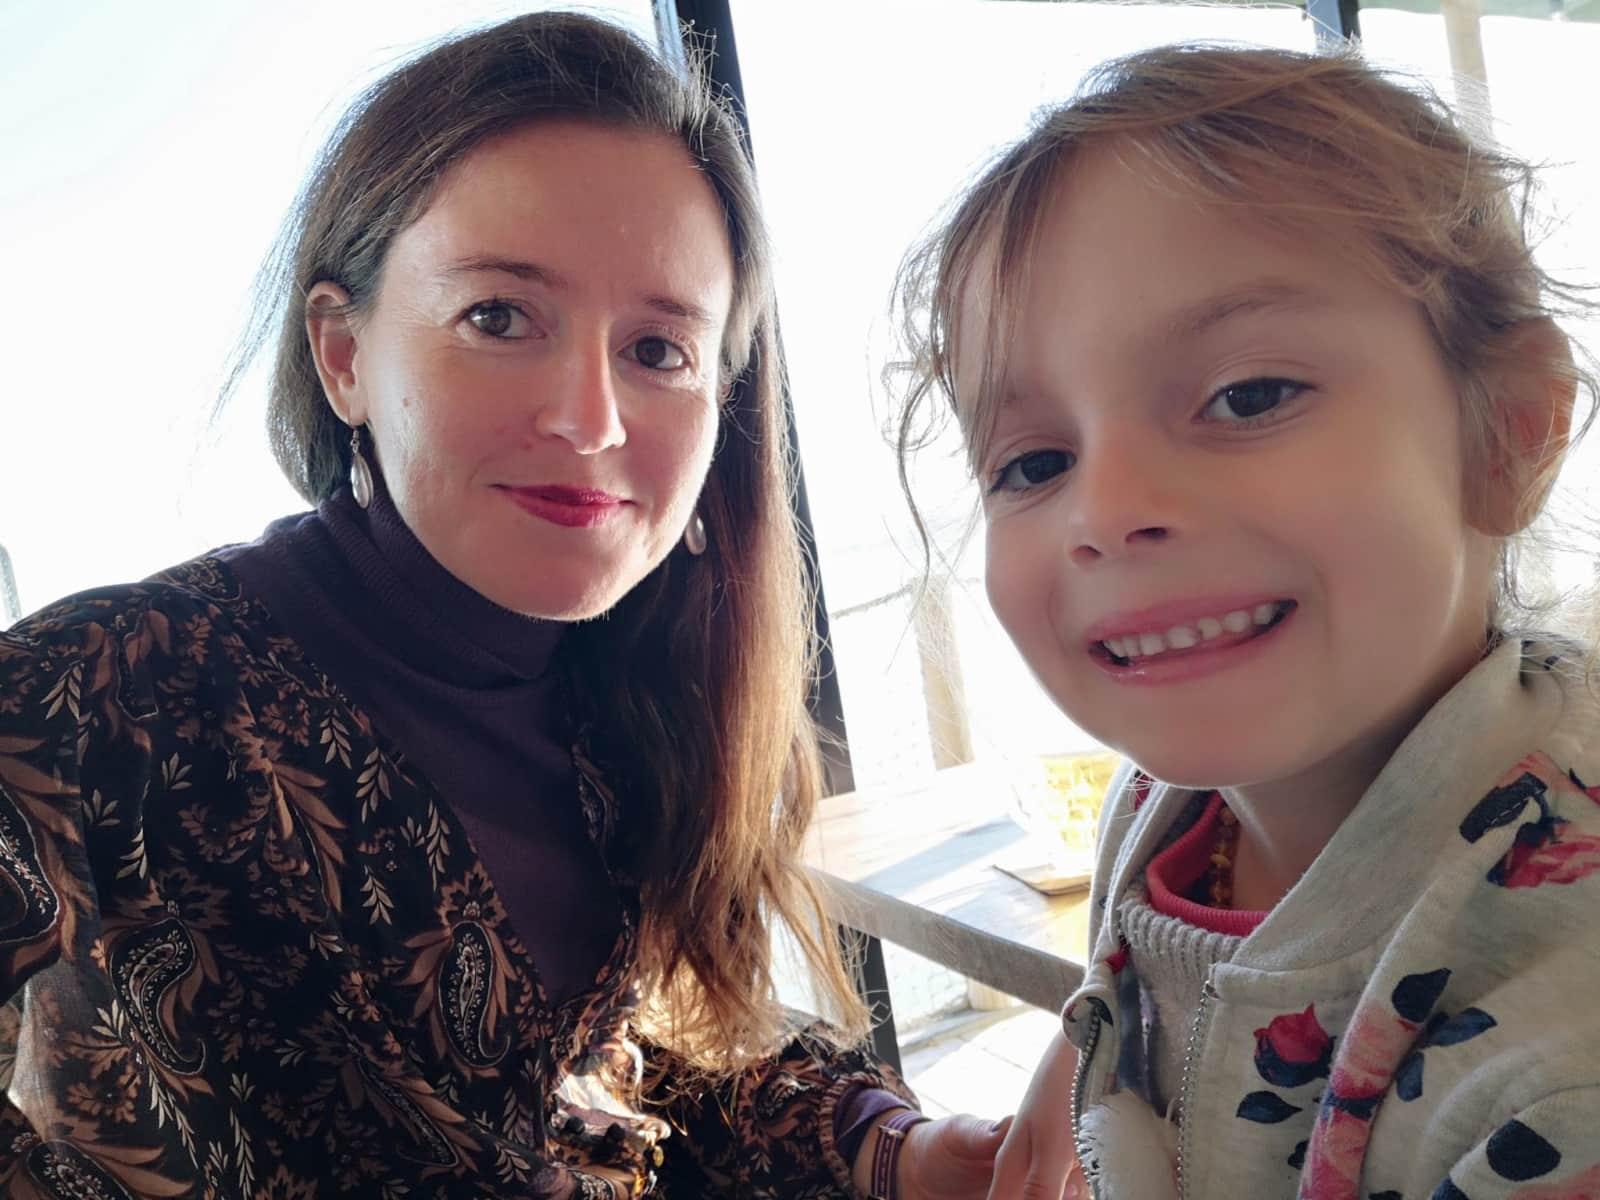 Natalia from Alicante, Spain